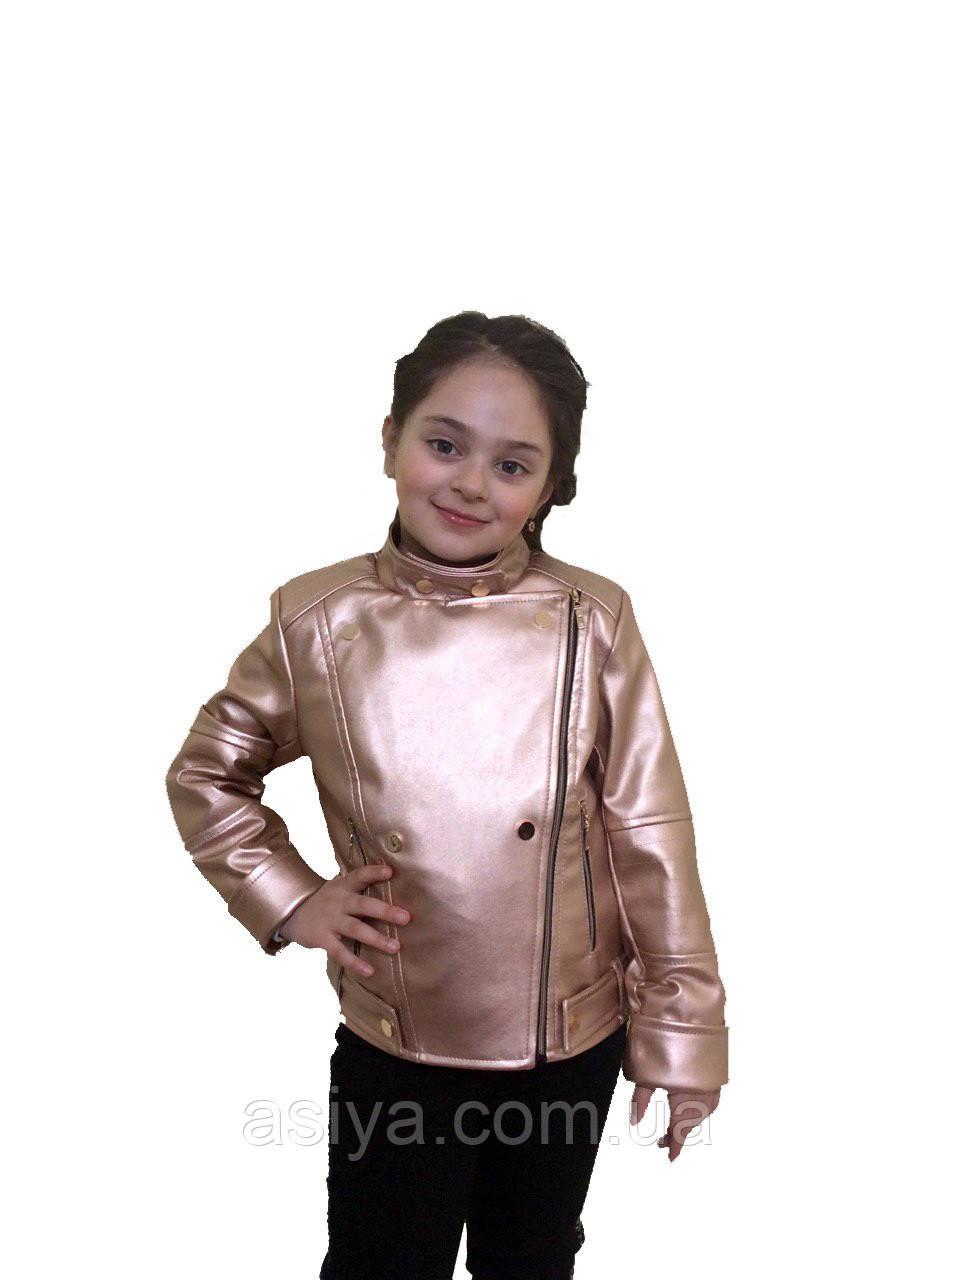 Подростковая куртка кожанка косуха цвет - бронза